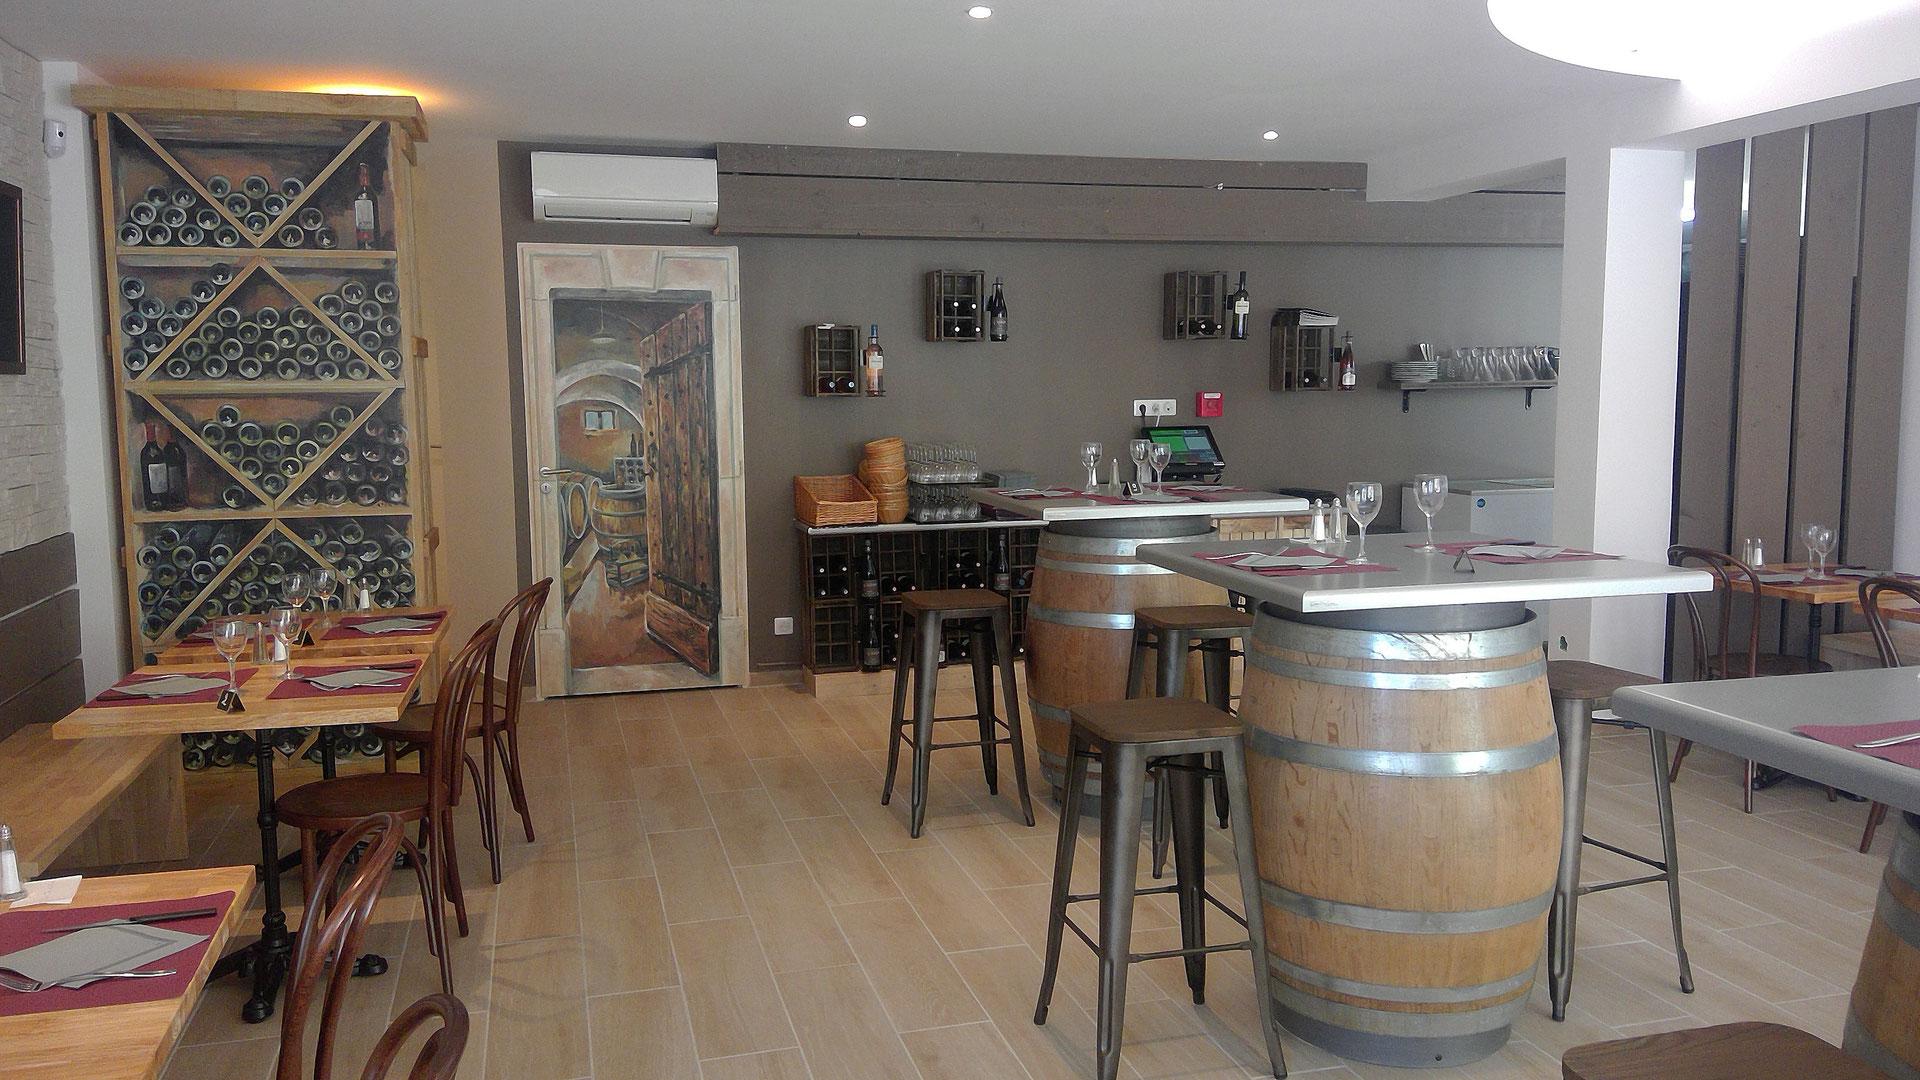 agencement restaurants decoration interieur et exterieur. Black Bedroom Furniture Sets. Home Design Ideas